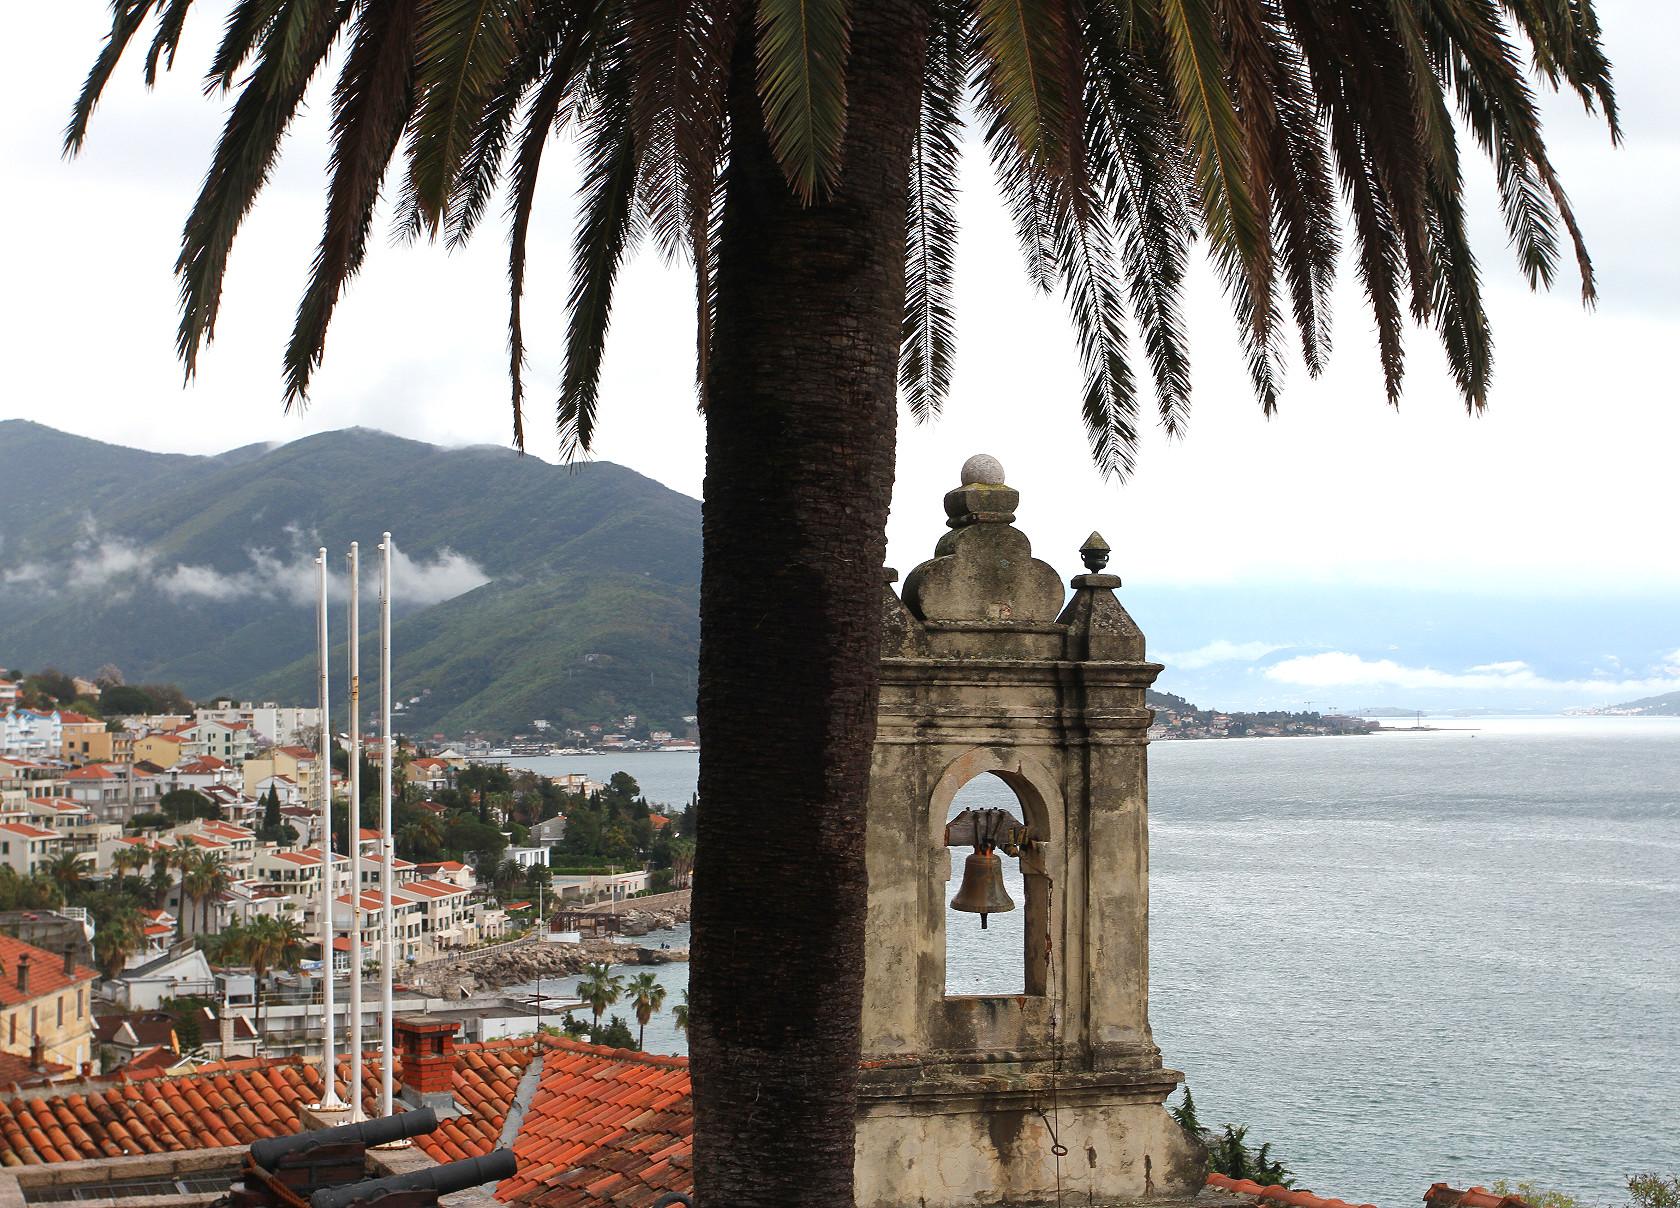 HERCEG NOVI: Beliggenheten ved innseilingen til Kotorbukta har gjort byen attraktiv opp gjennom årene.